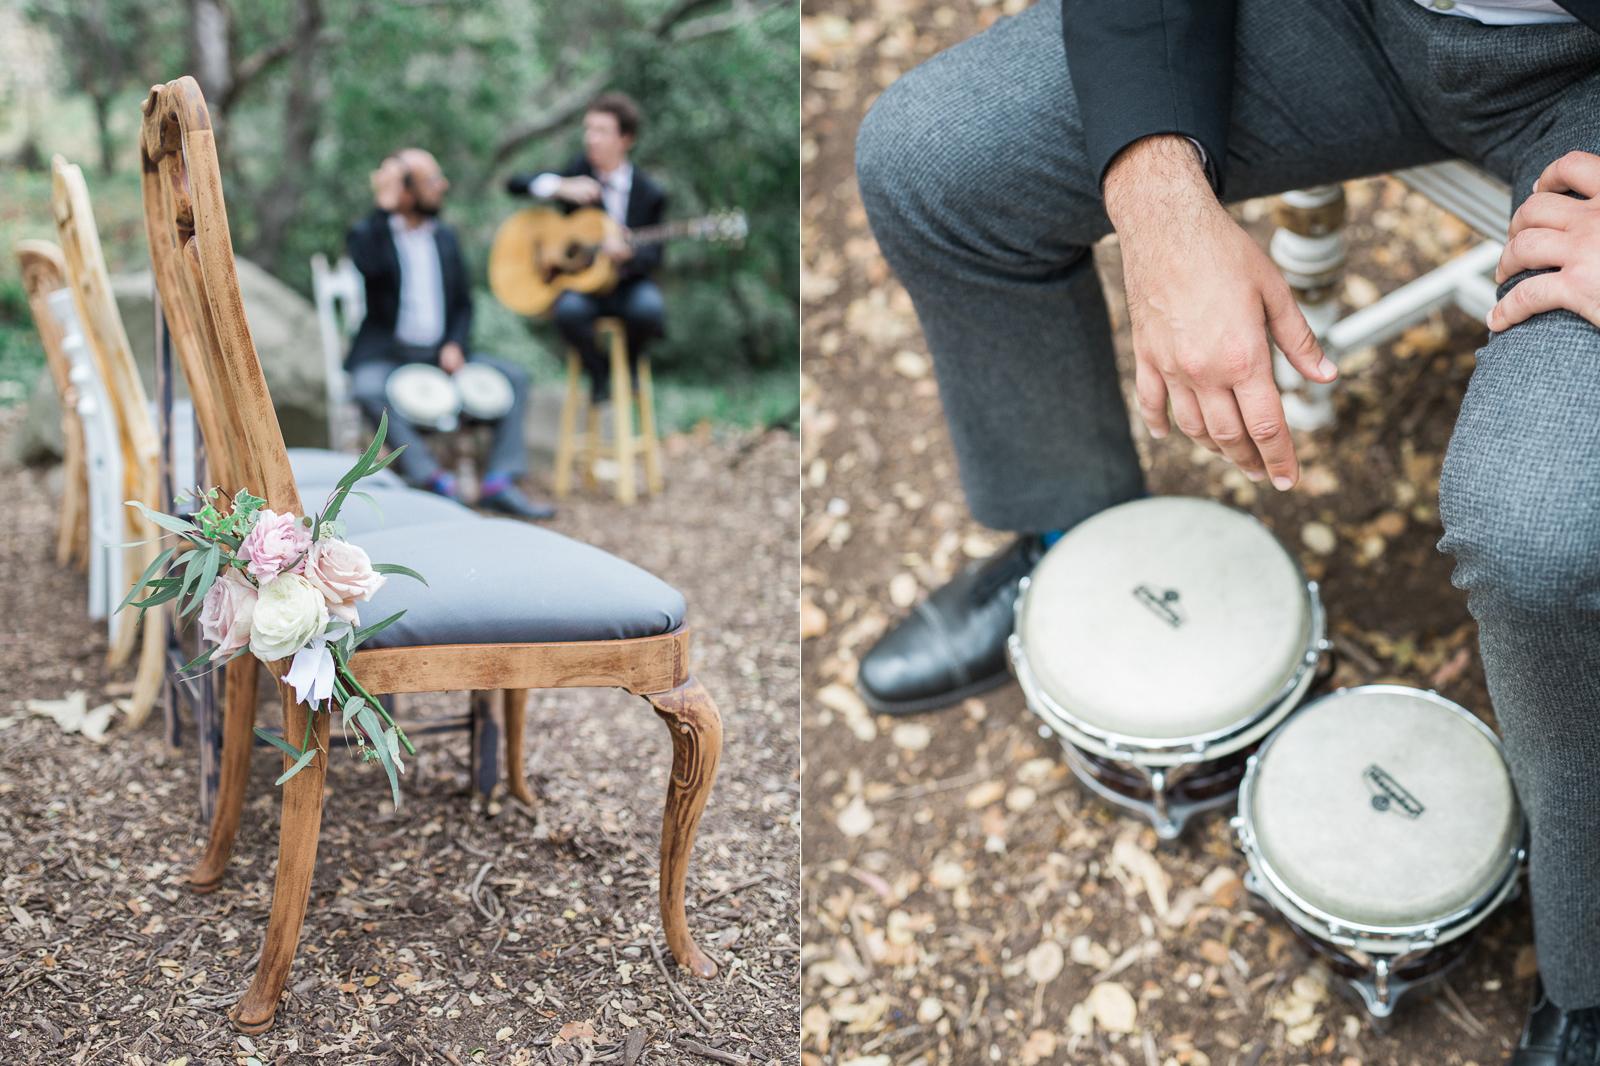 Musicians prep for a gay wedding ceremony in Santa Barbara